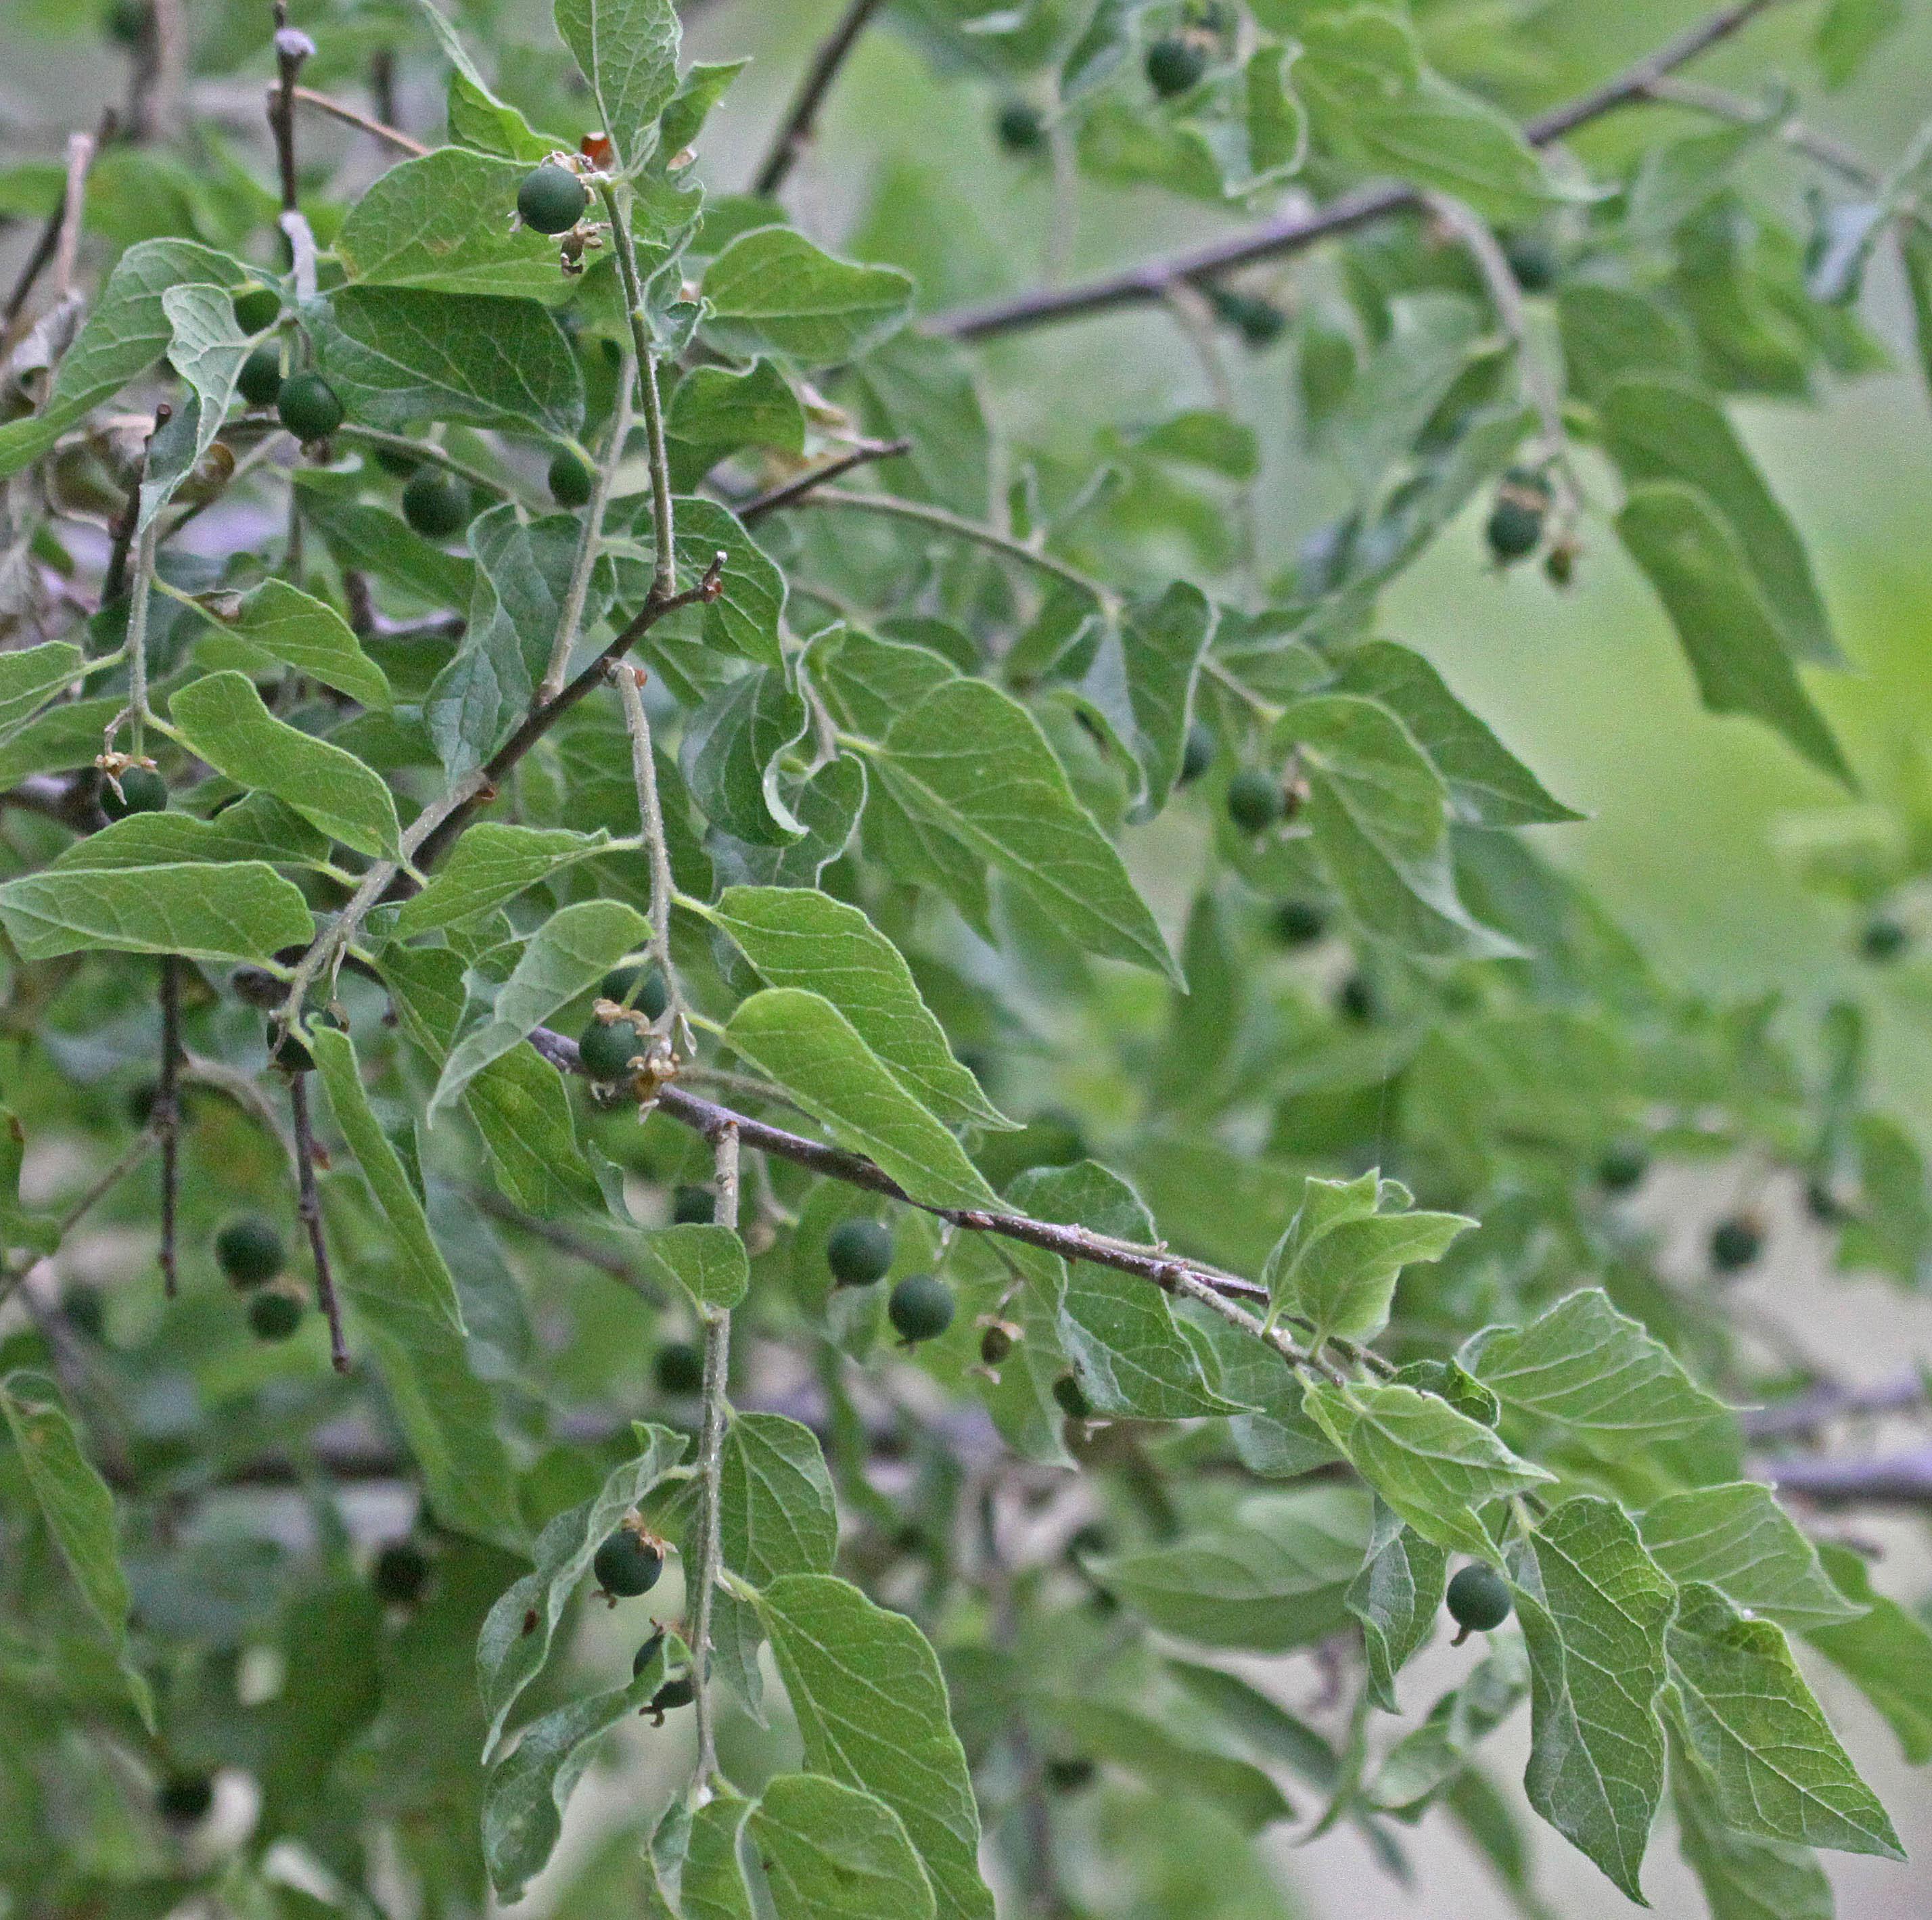 Sivun <i>Celtis pallida</i> Torr. kuva